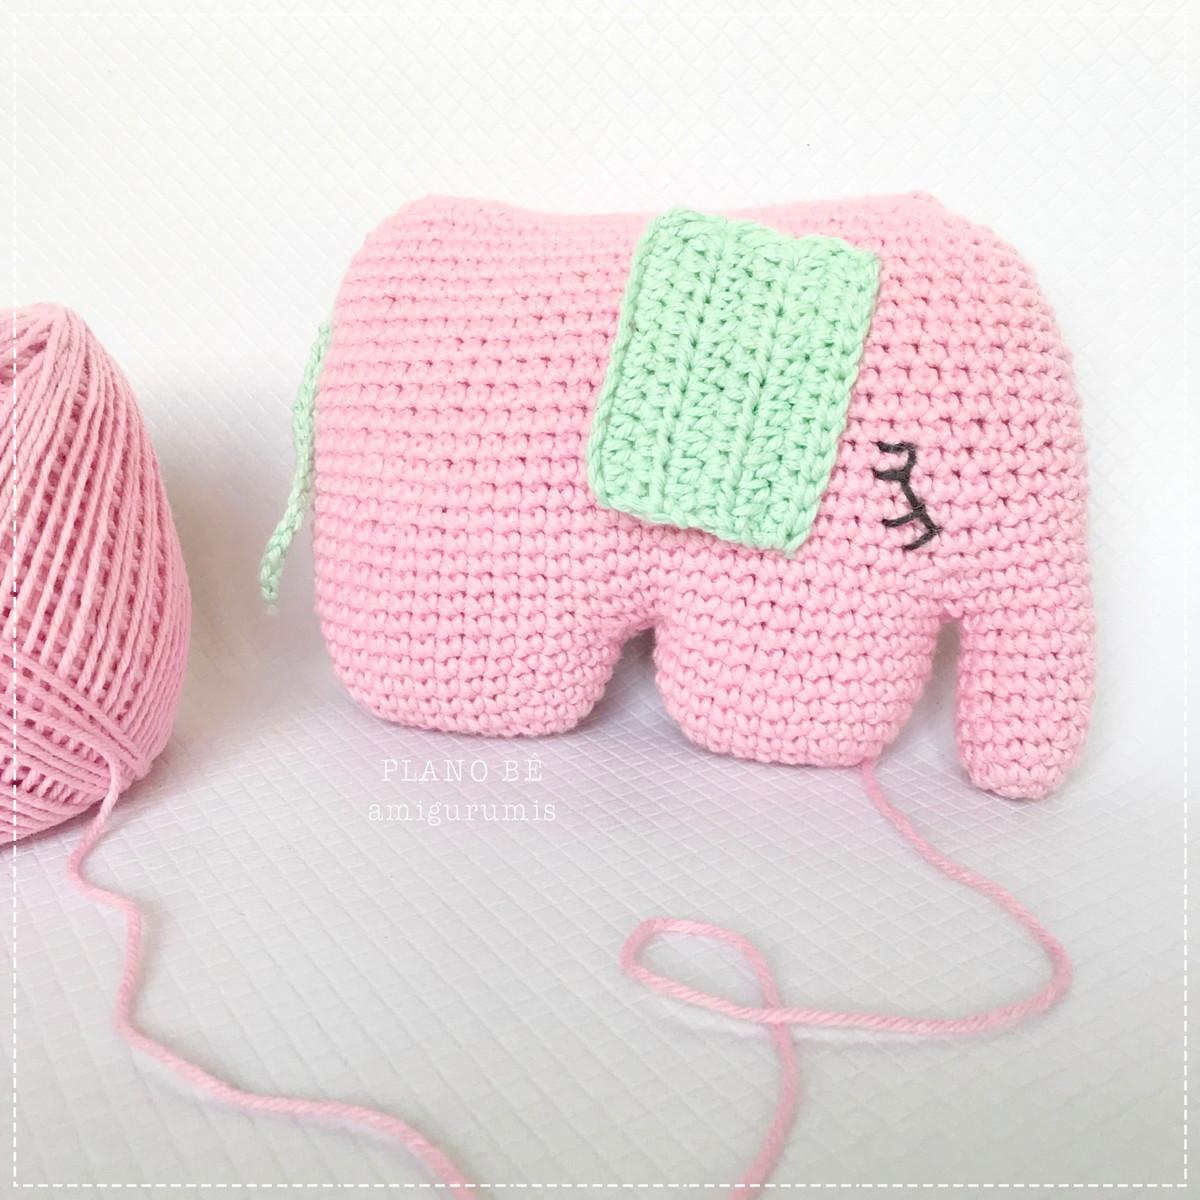 Elefante Amigurumi Em Croche - R$ 59,00 em Mercado Livre | 1200x1200